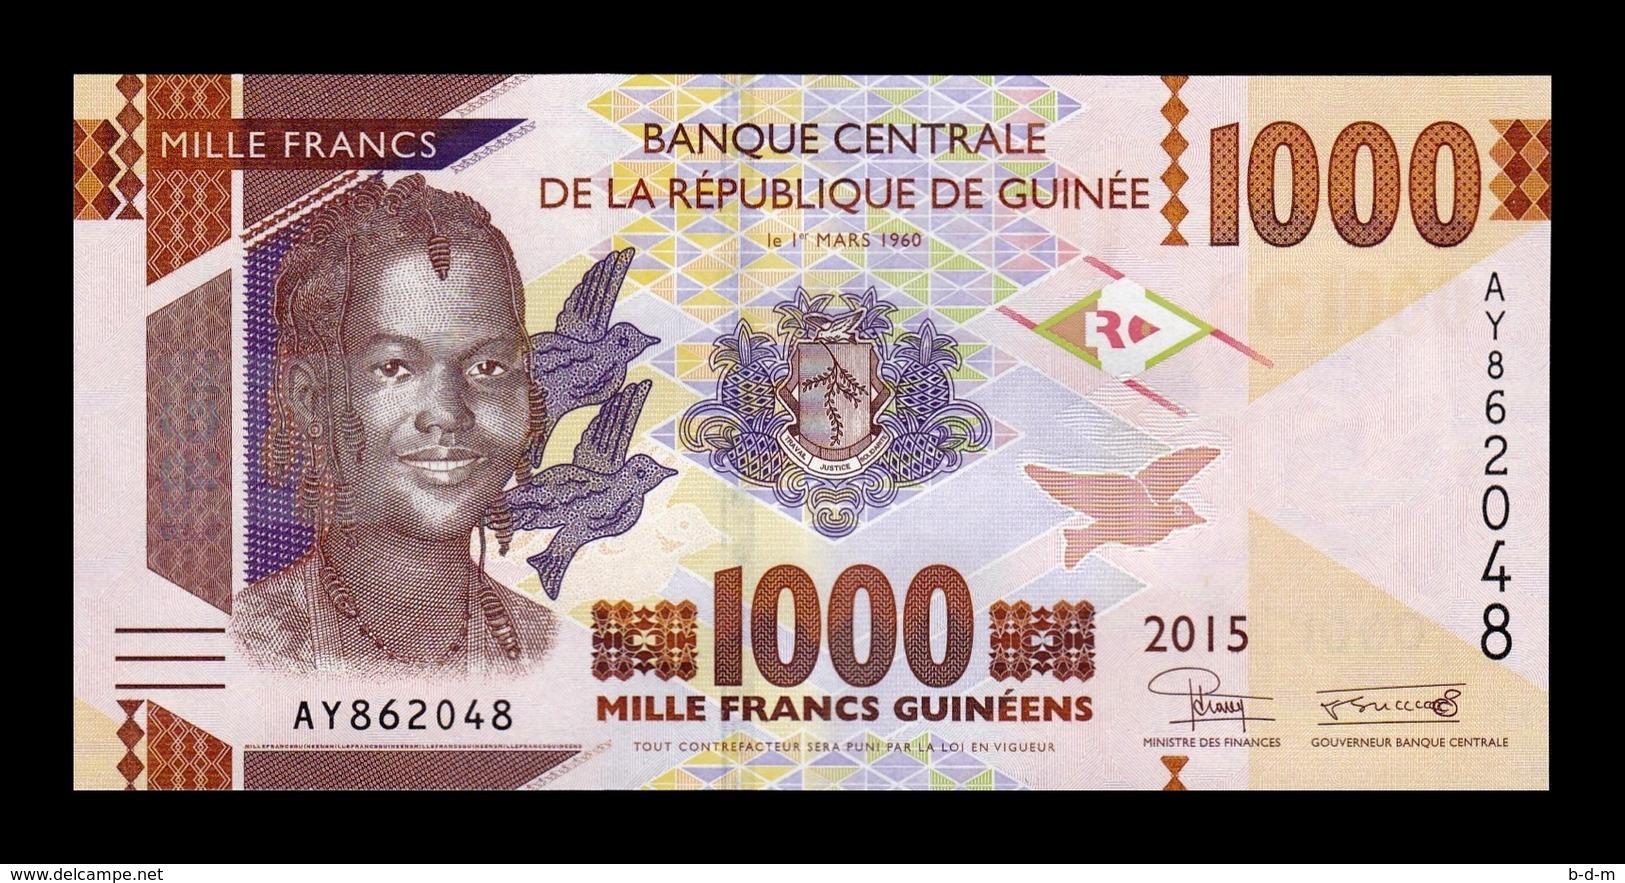 Guinea Lot Bundle 10 Banknotes 1000 Francs 2015 Pick 48 SC UNC - Guinea